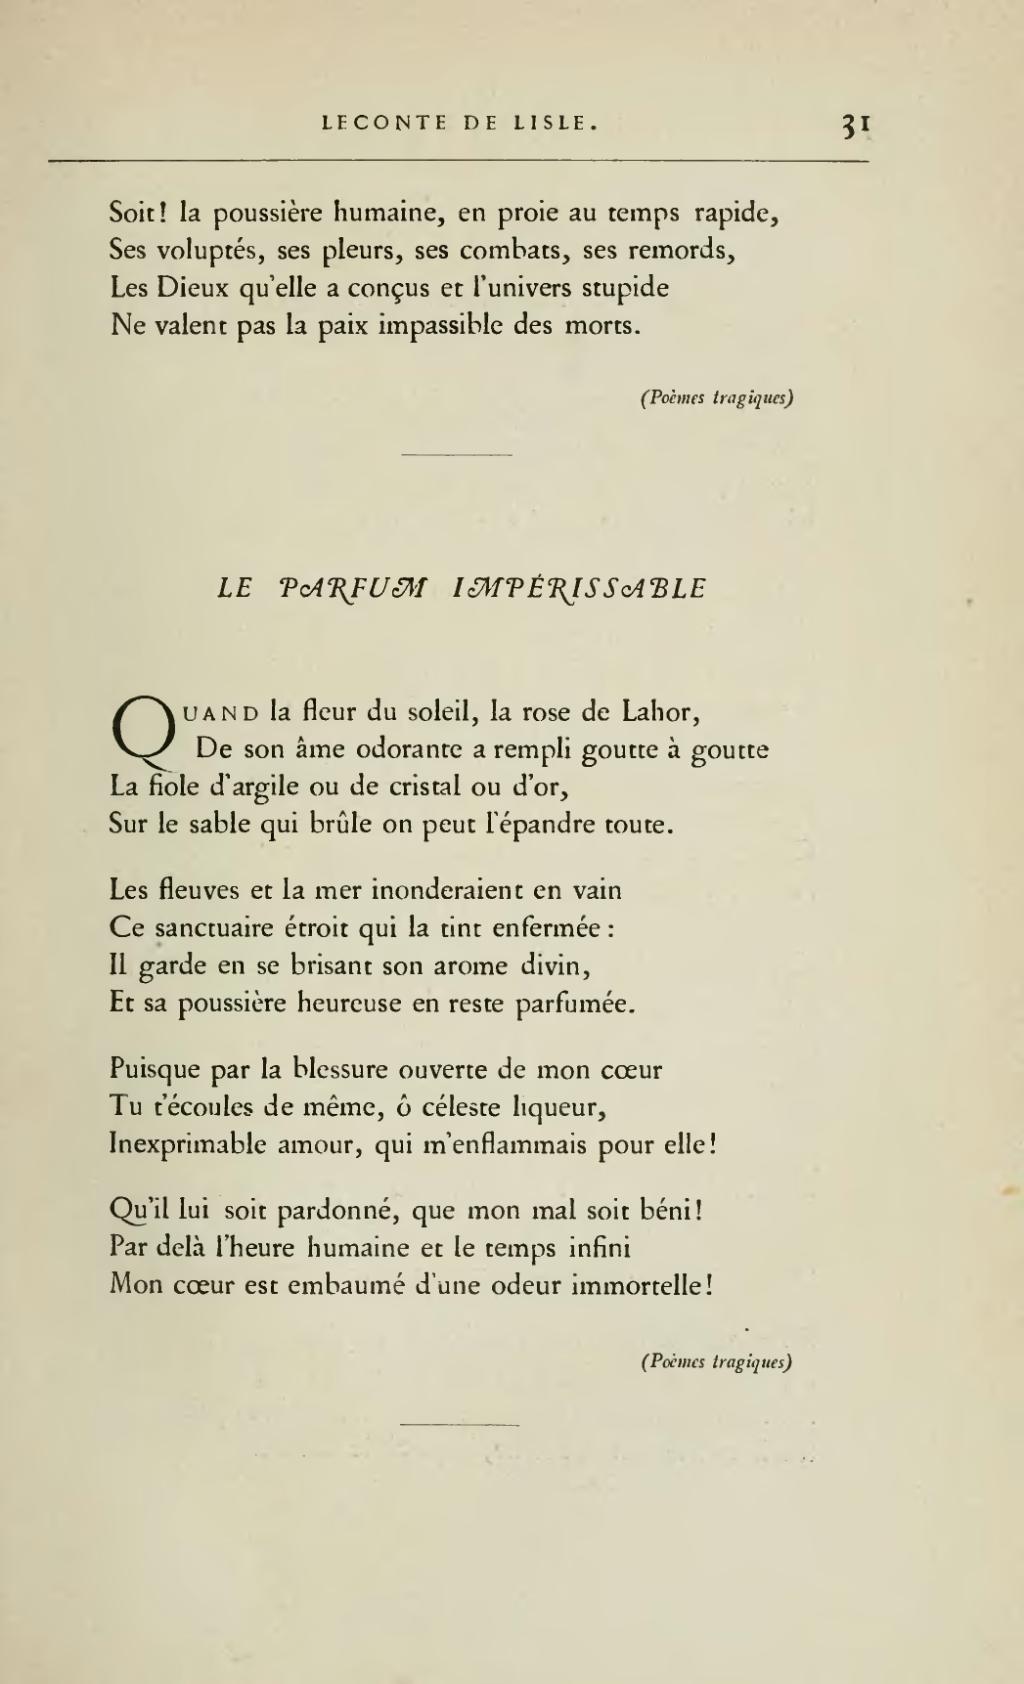 Poème D'amour Du 19ème Siècle : poème, d'amour, 19ème, siècle, Poesie, Francaise, Siecle, Romantisme, Symbolisme, Anthologie